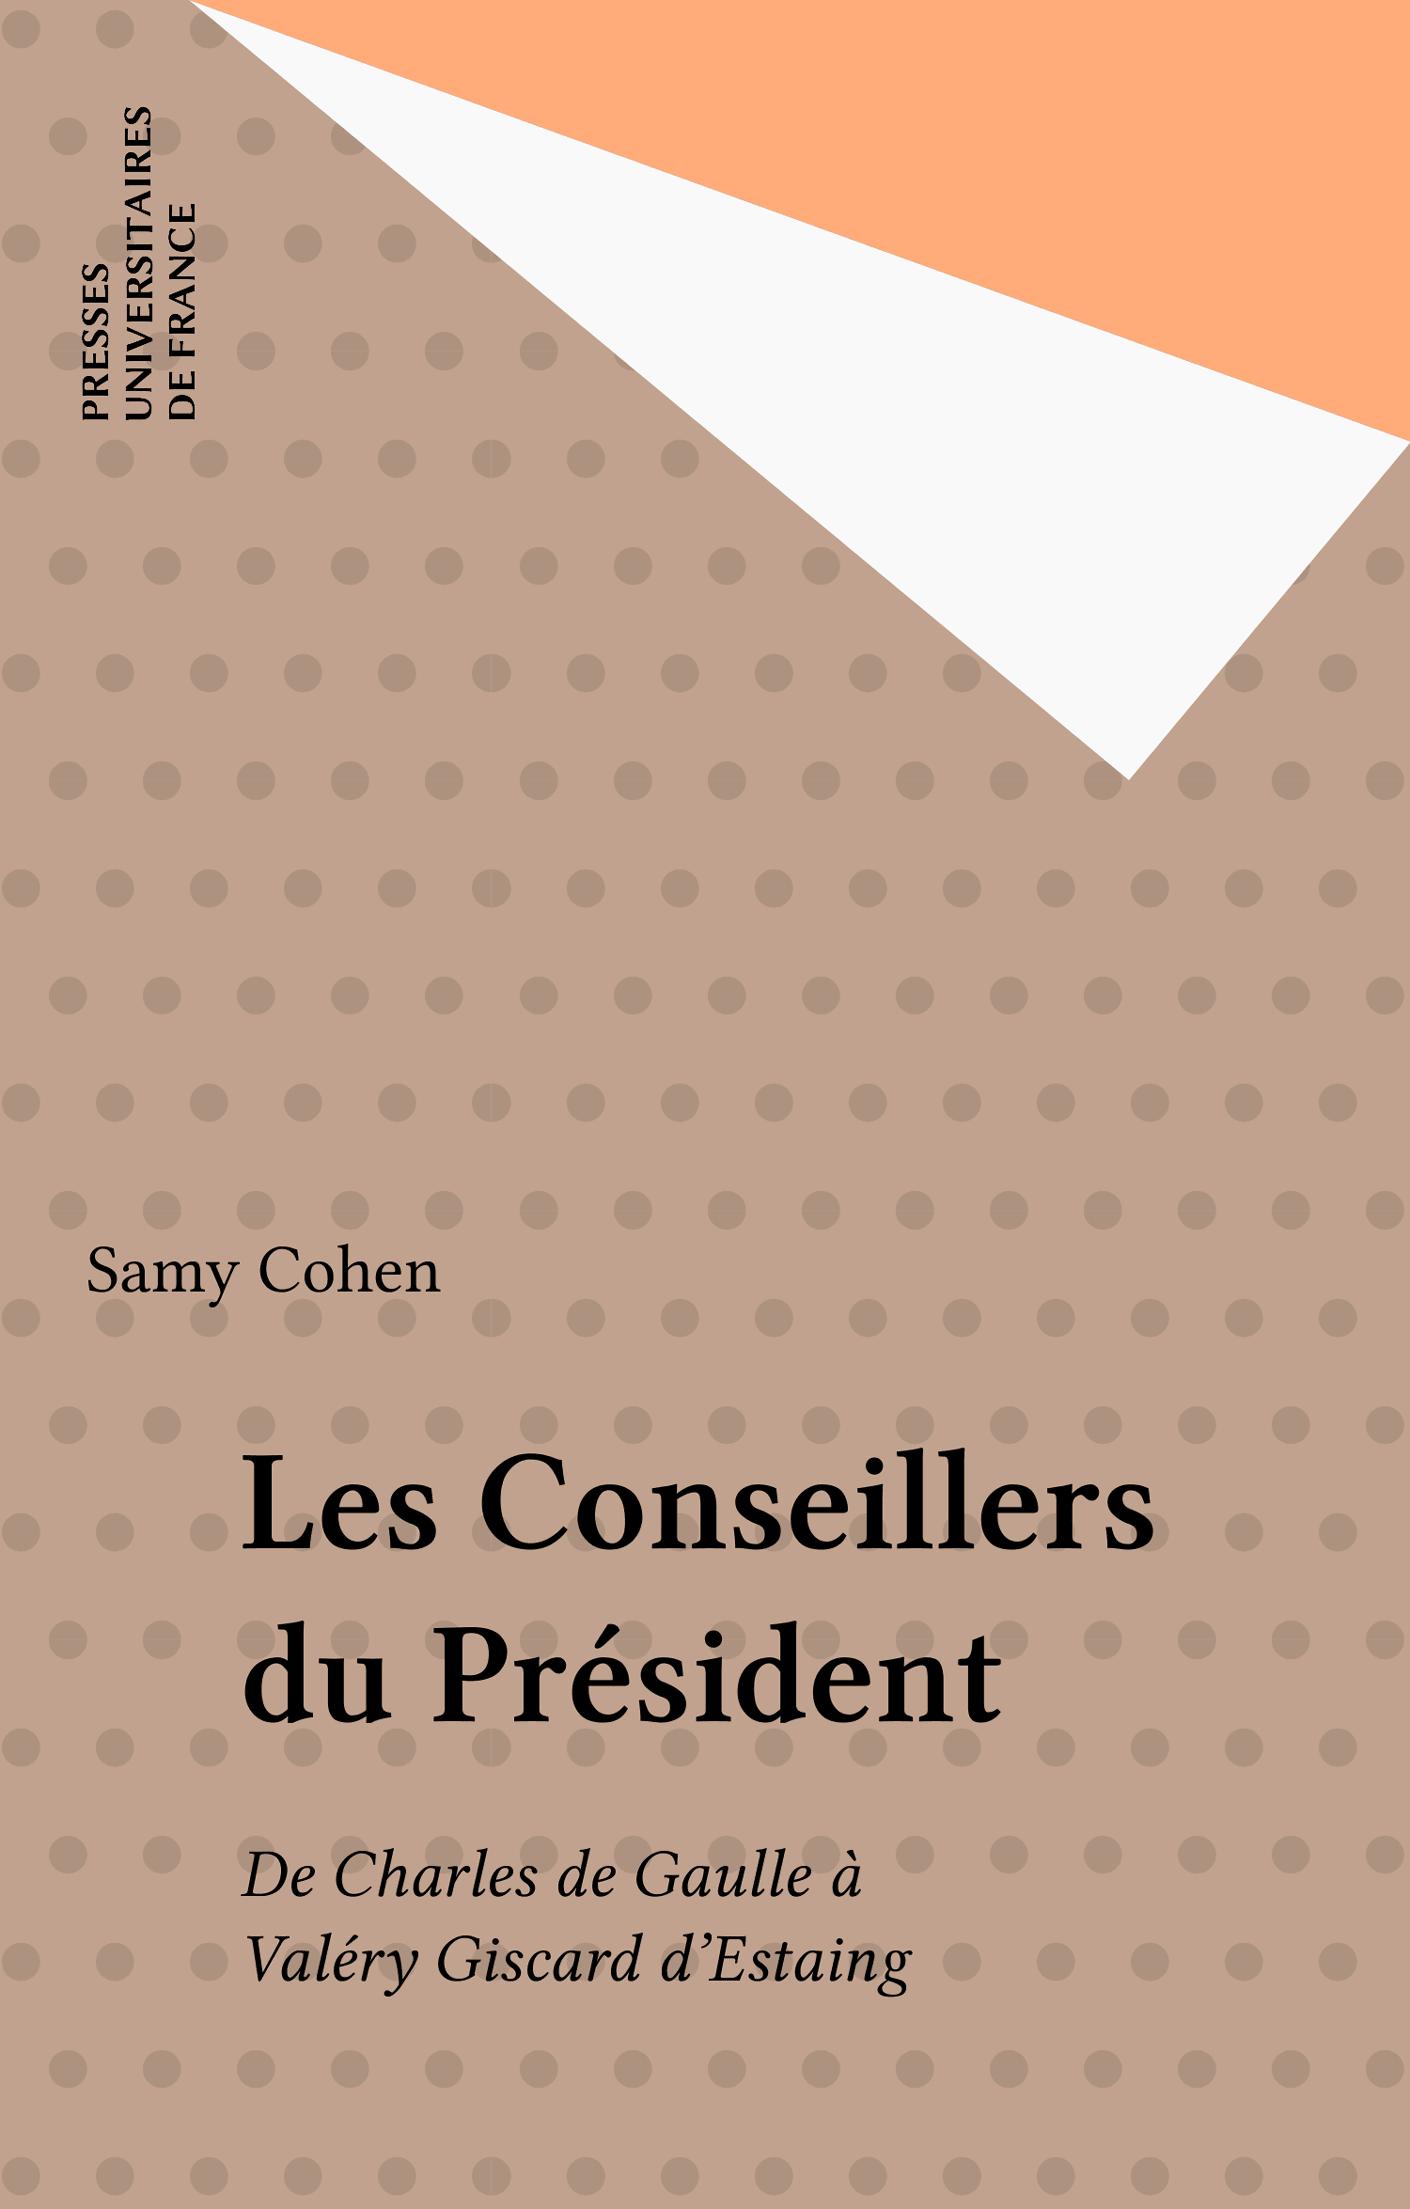 Les Conseillers du Président